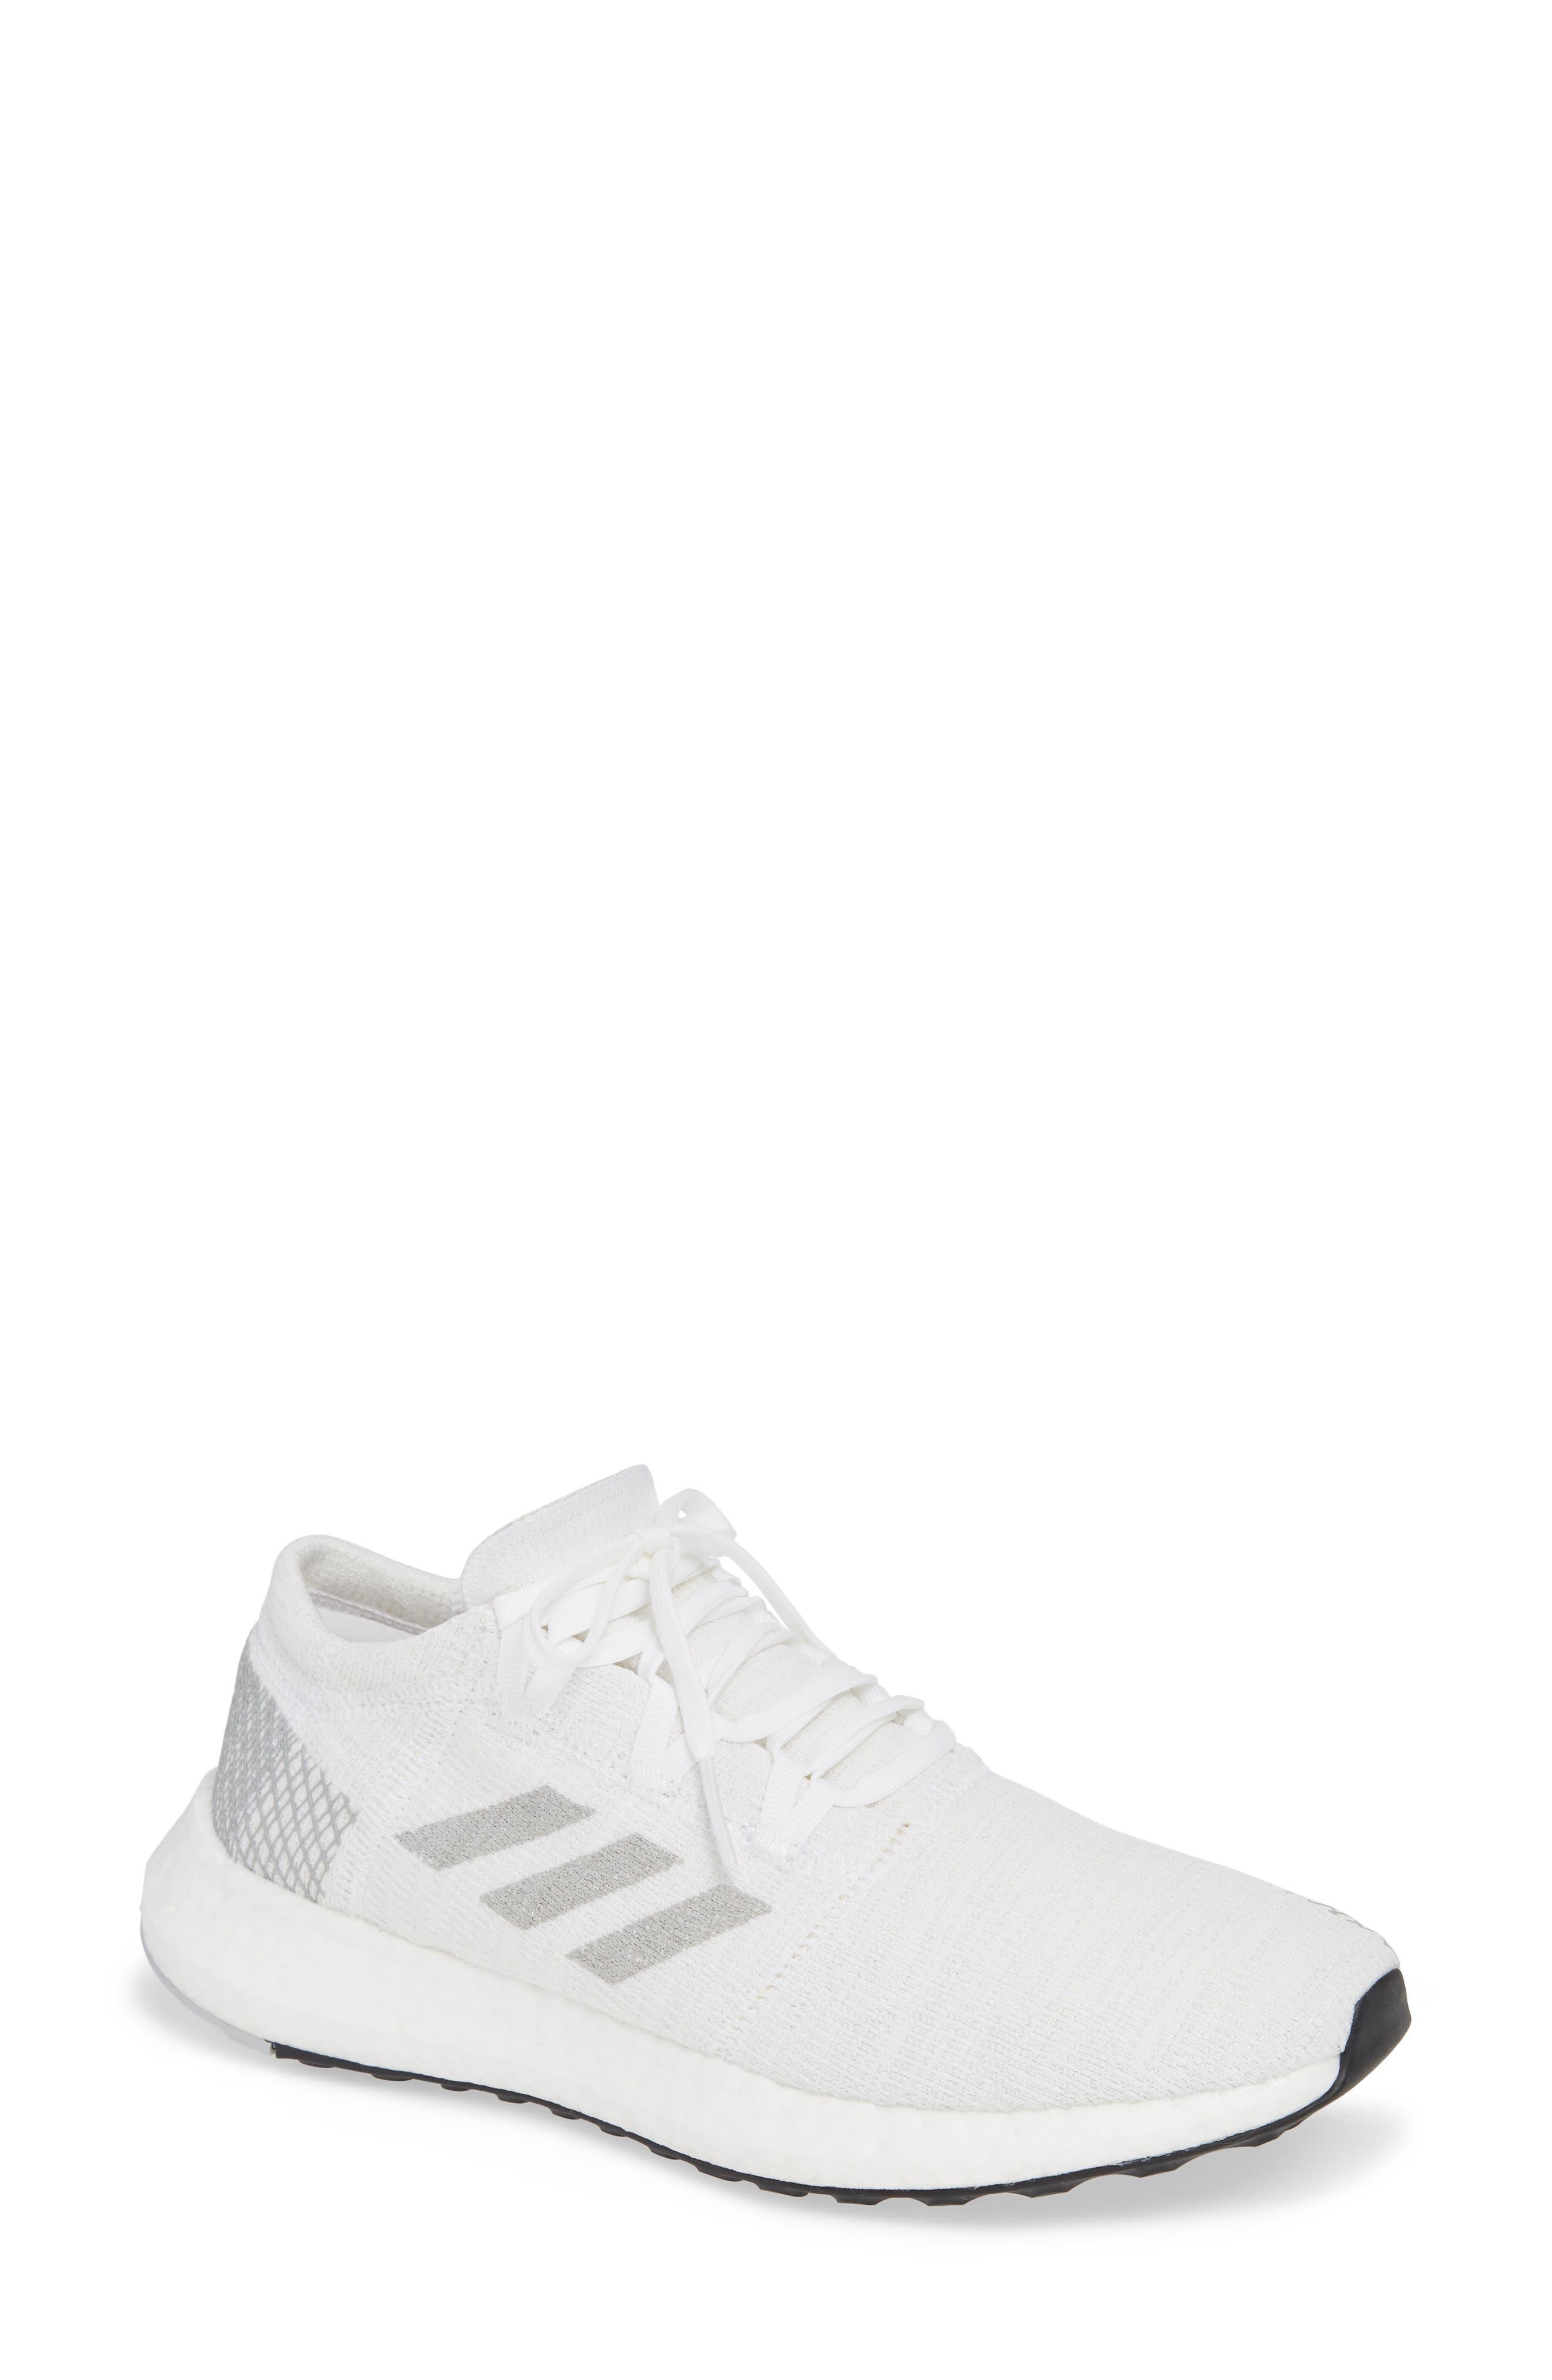 6d86823a1255de ... canada adidas pureboost x element knit running shoe women 39889 215e6